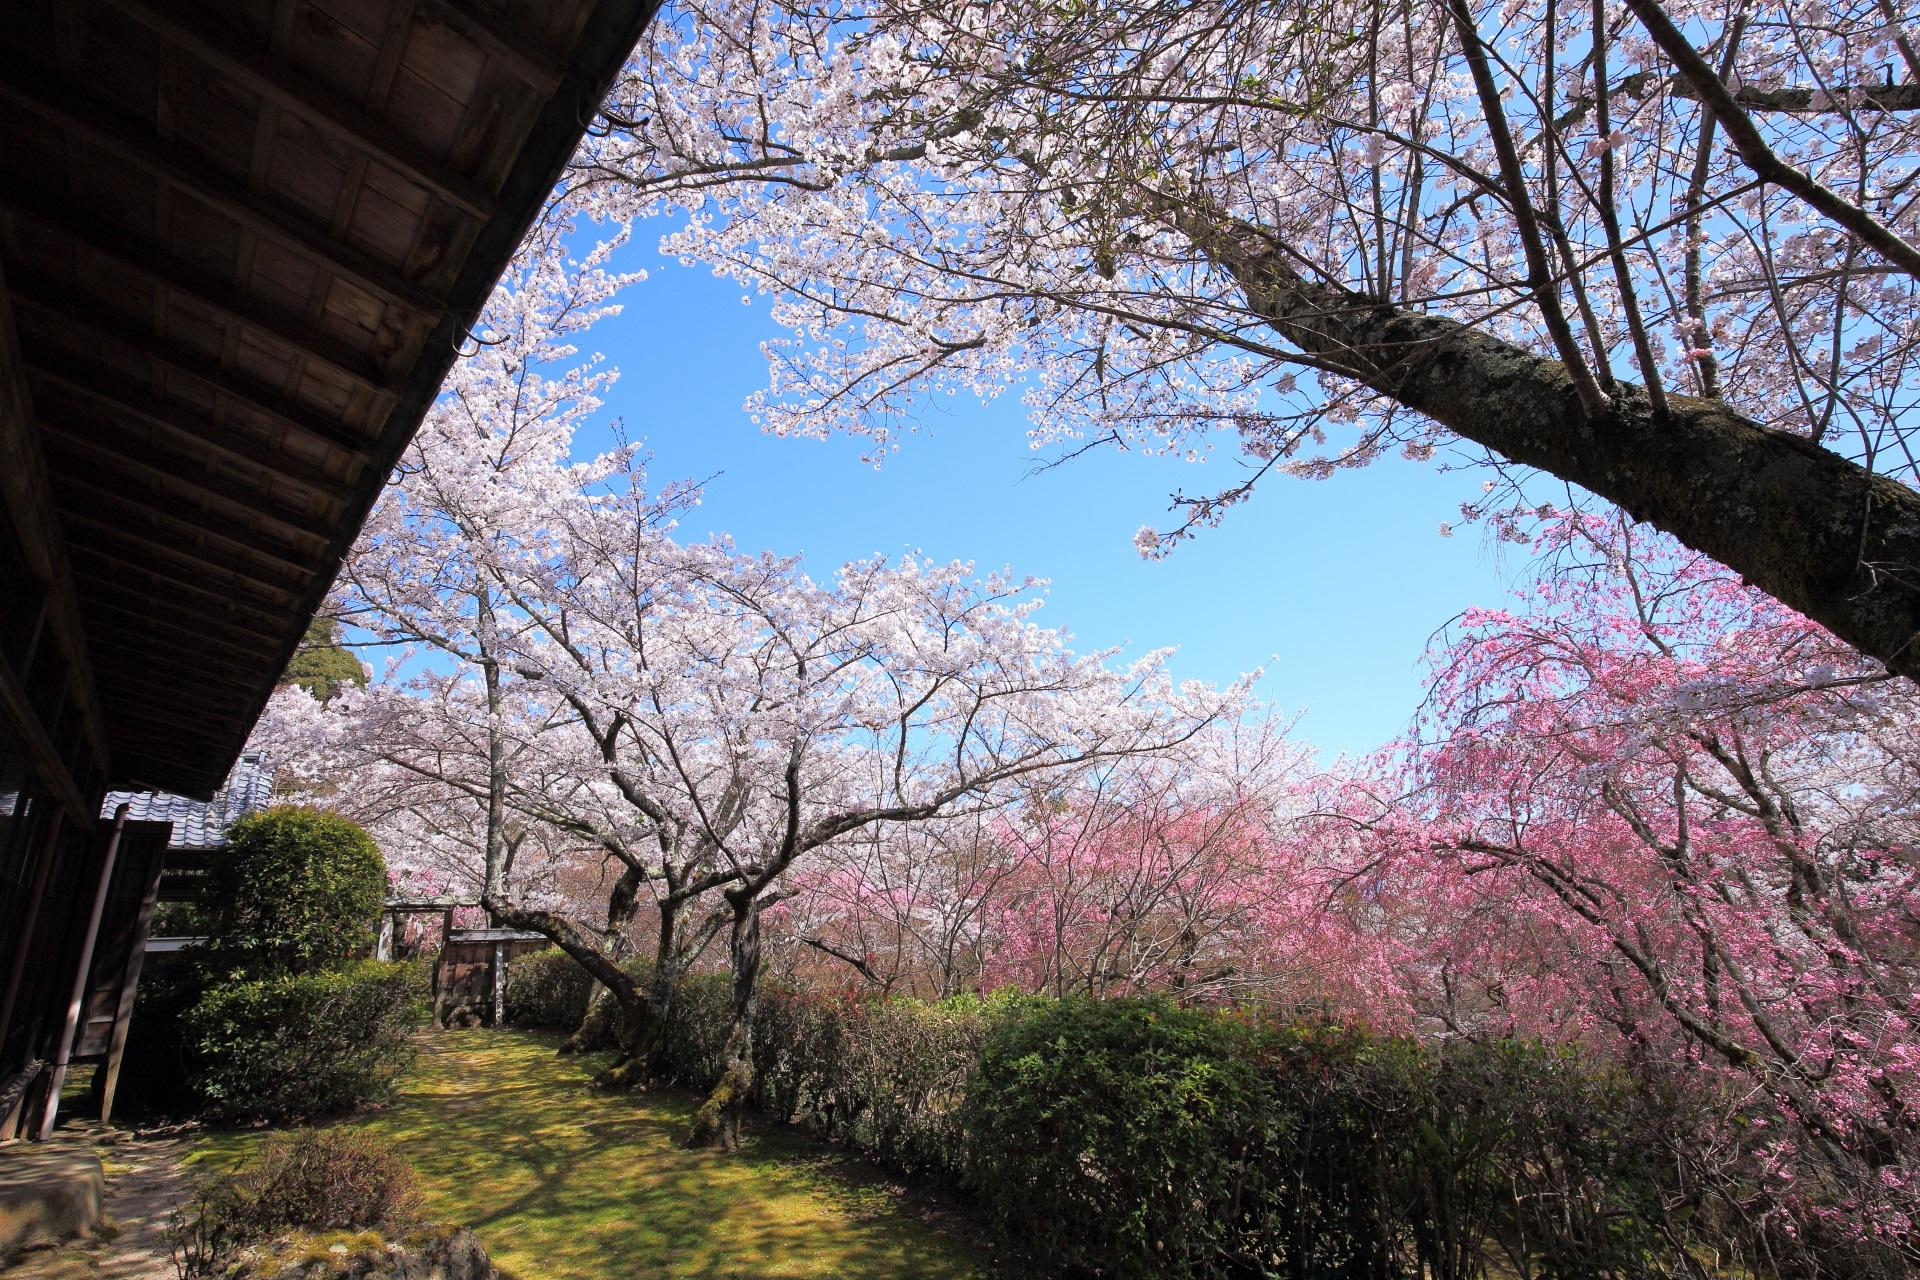 勝持寺の桜ヶ丘の上から眺めた桜